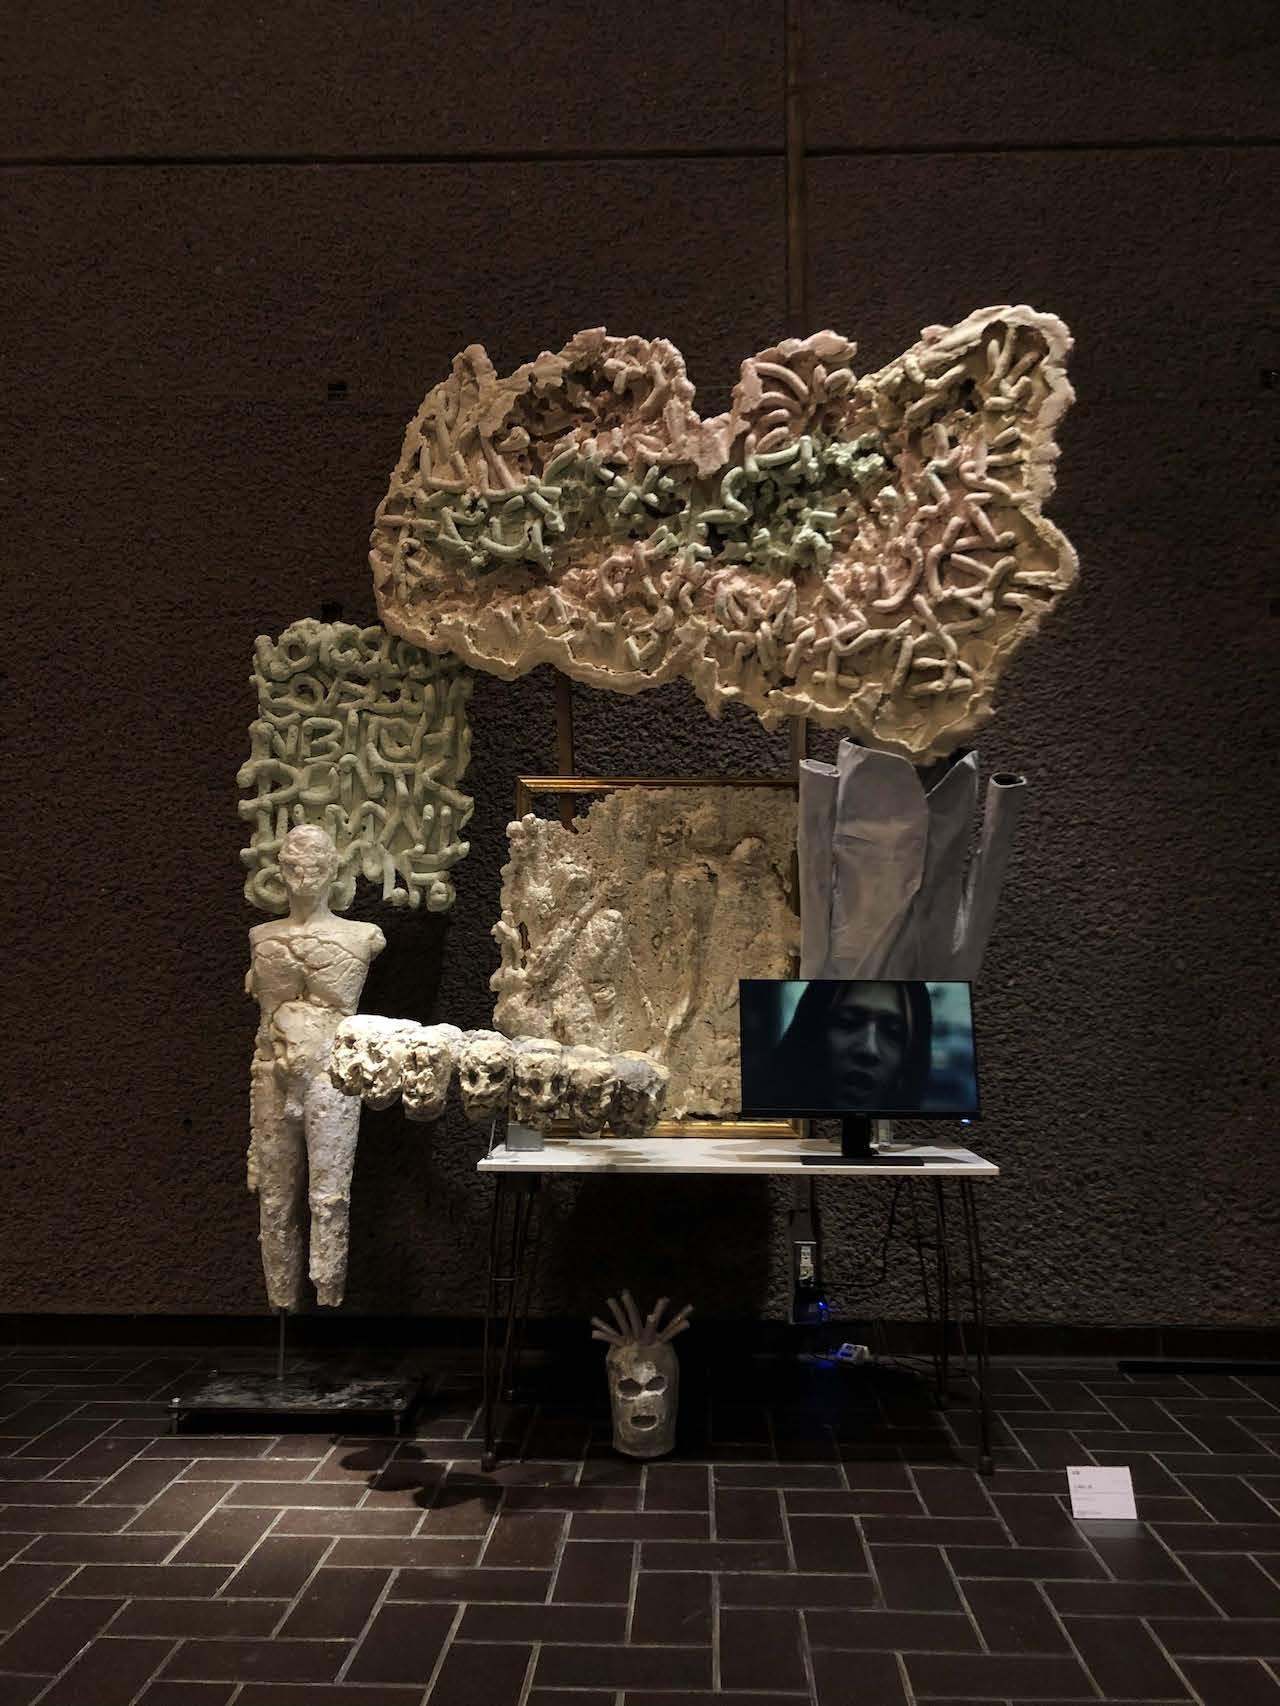 ラッパー/彫刻家・META FLOWERによる展示「EYES SUNRISE REALIZE」が開催 レセプションにSLOWCURV、BUSHMIND、MEJIRO St. BOYZ、ill-SUGIら art-culture210531-metaflower-eyessunriserealize-1